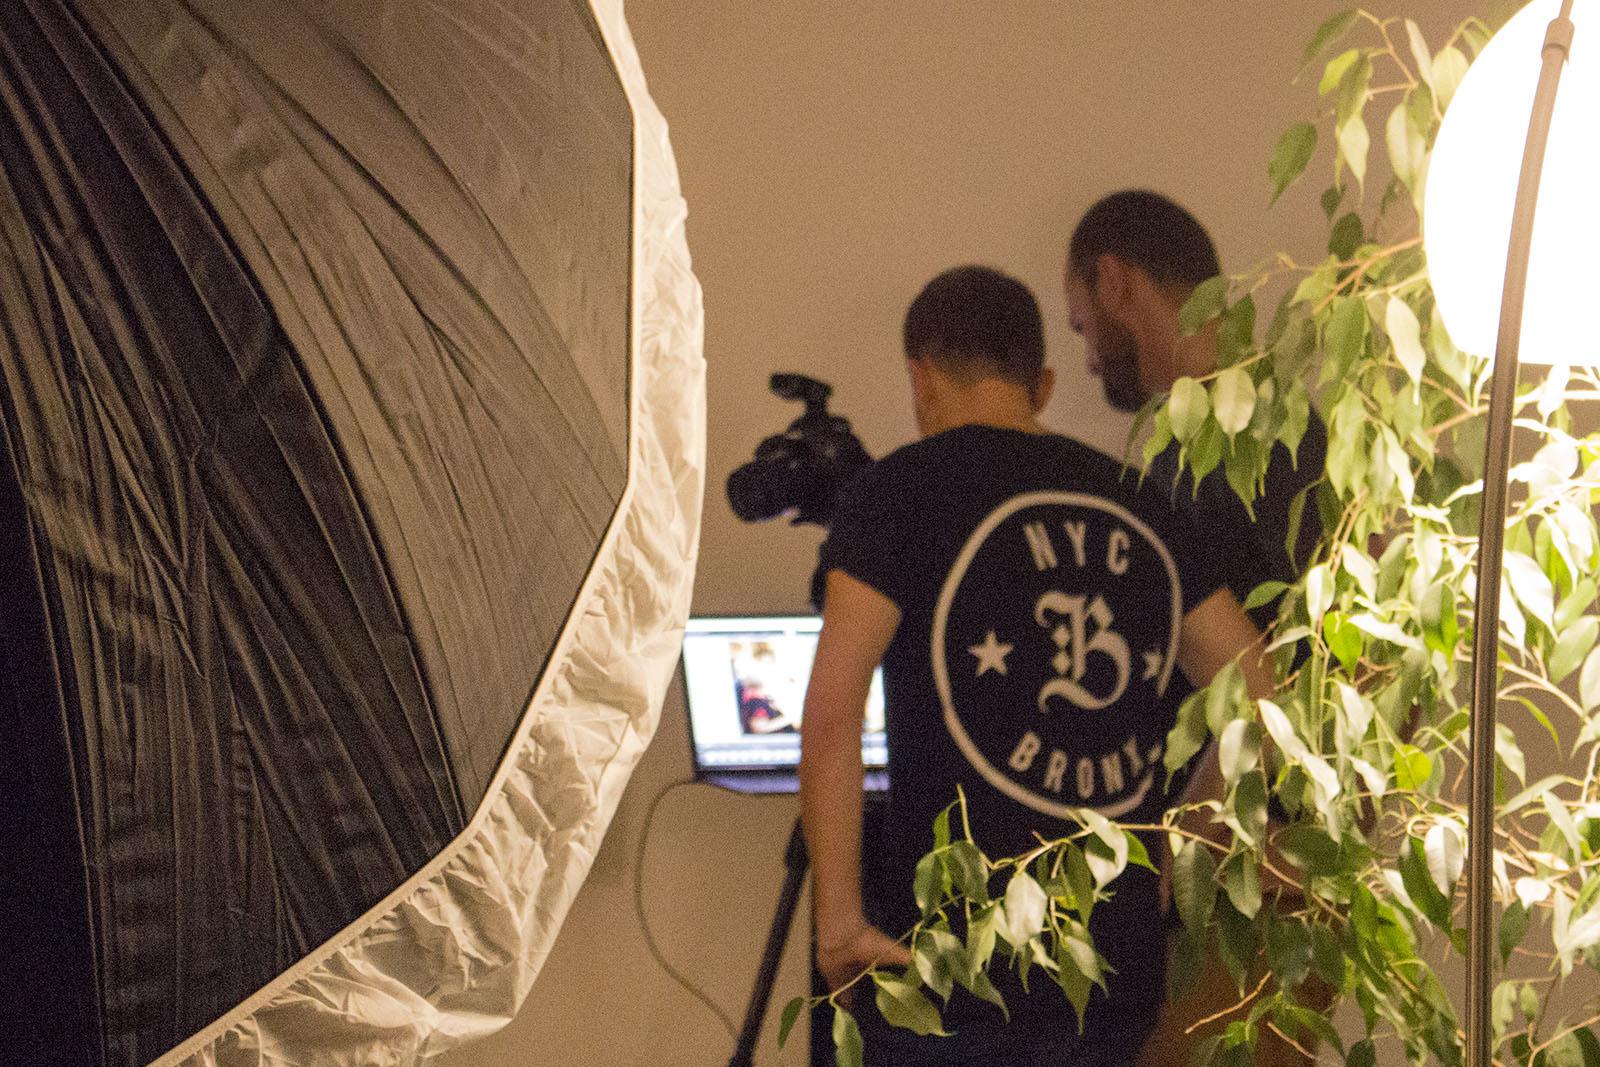 Fotograf und Art Director checken die Kameraeinstellung.